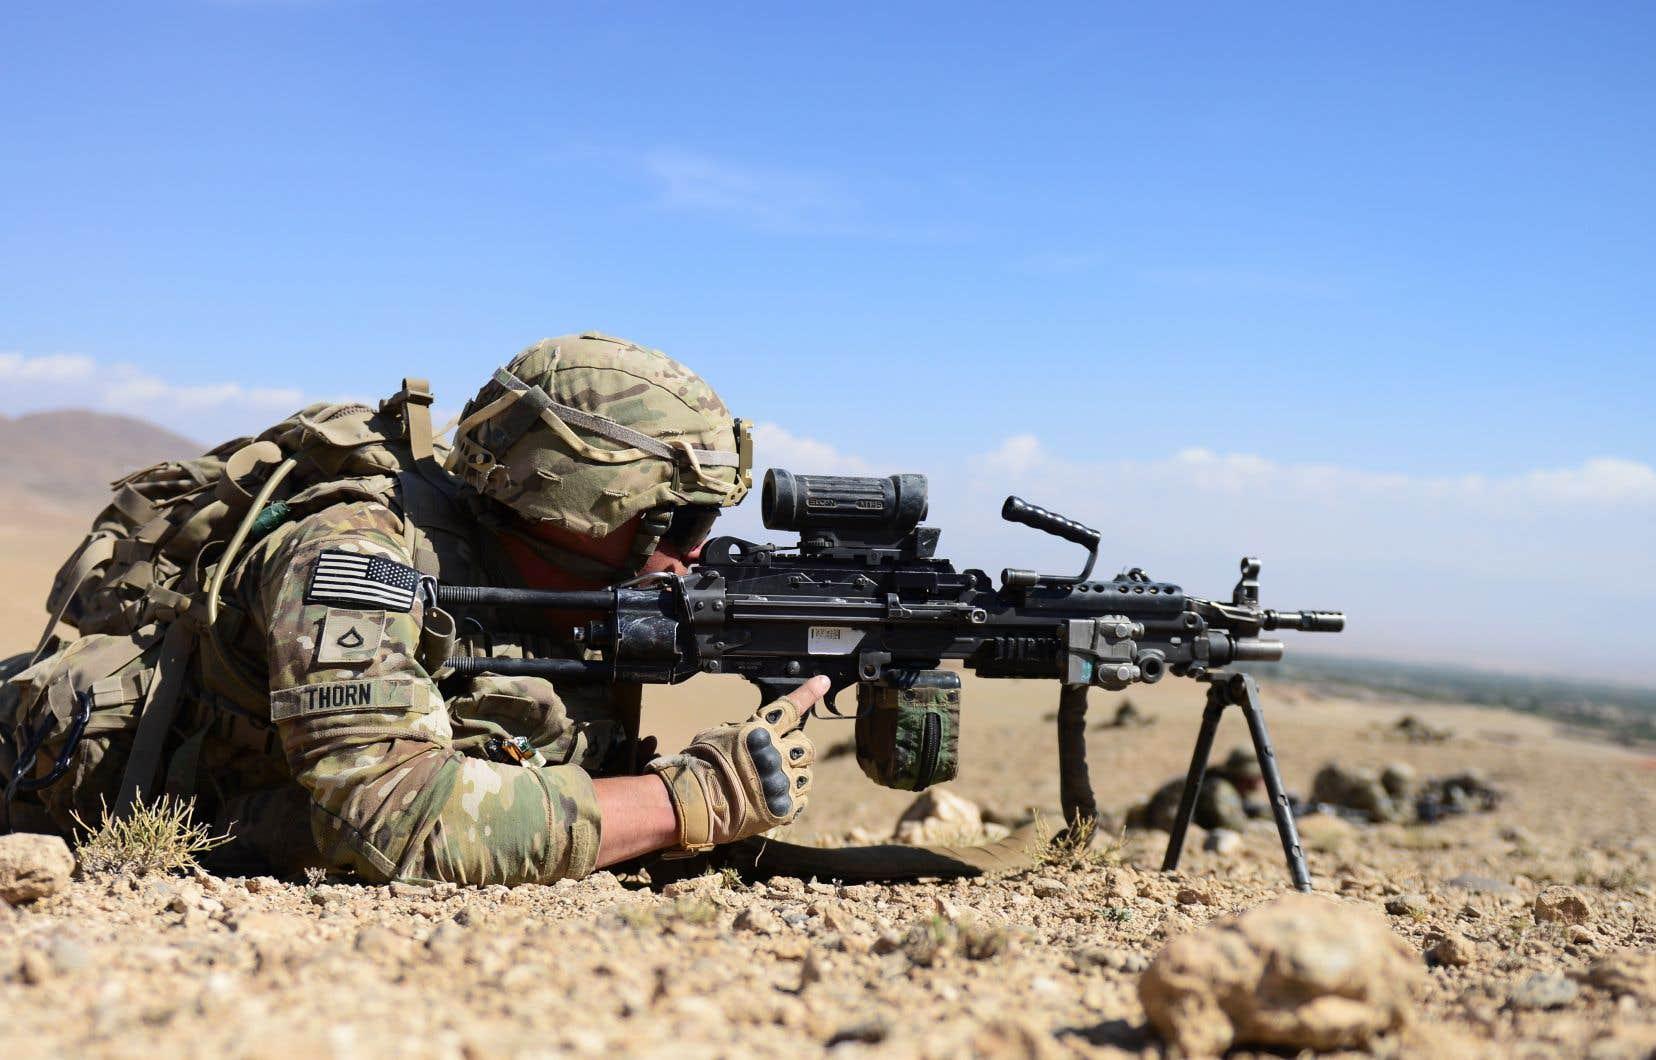 Près de 7000 militaires américains sont morts et plus de 52000 ont été blessés depuis le lancement des offensives militaires en Afghanistan en 2001 puis en Irak deux ans plus tard, selon le Pentagone.